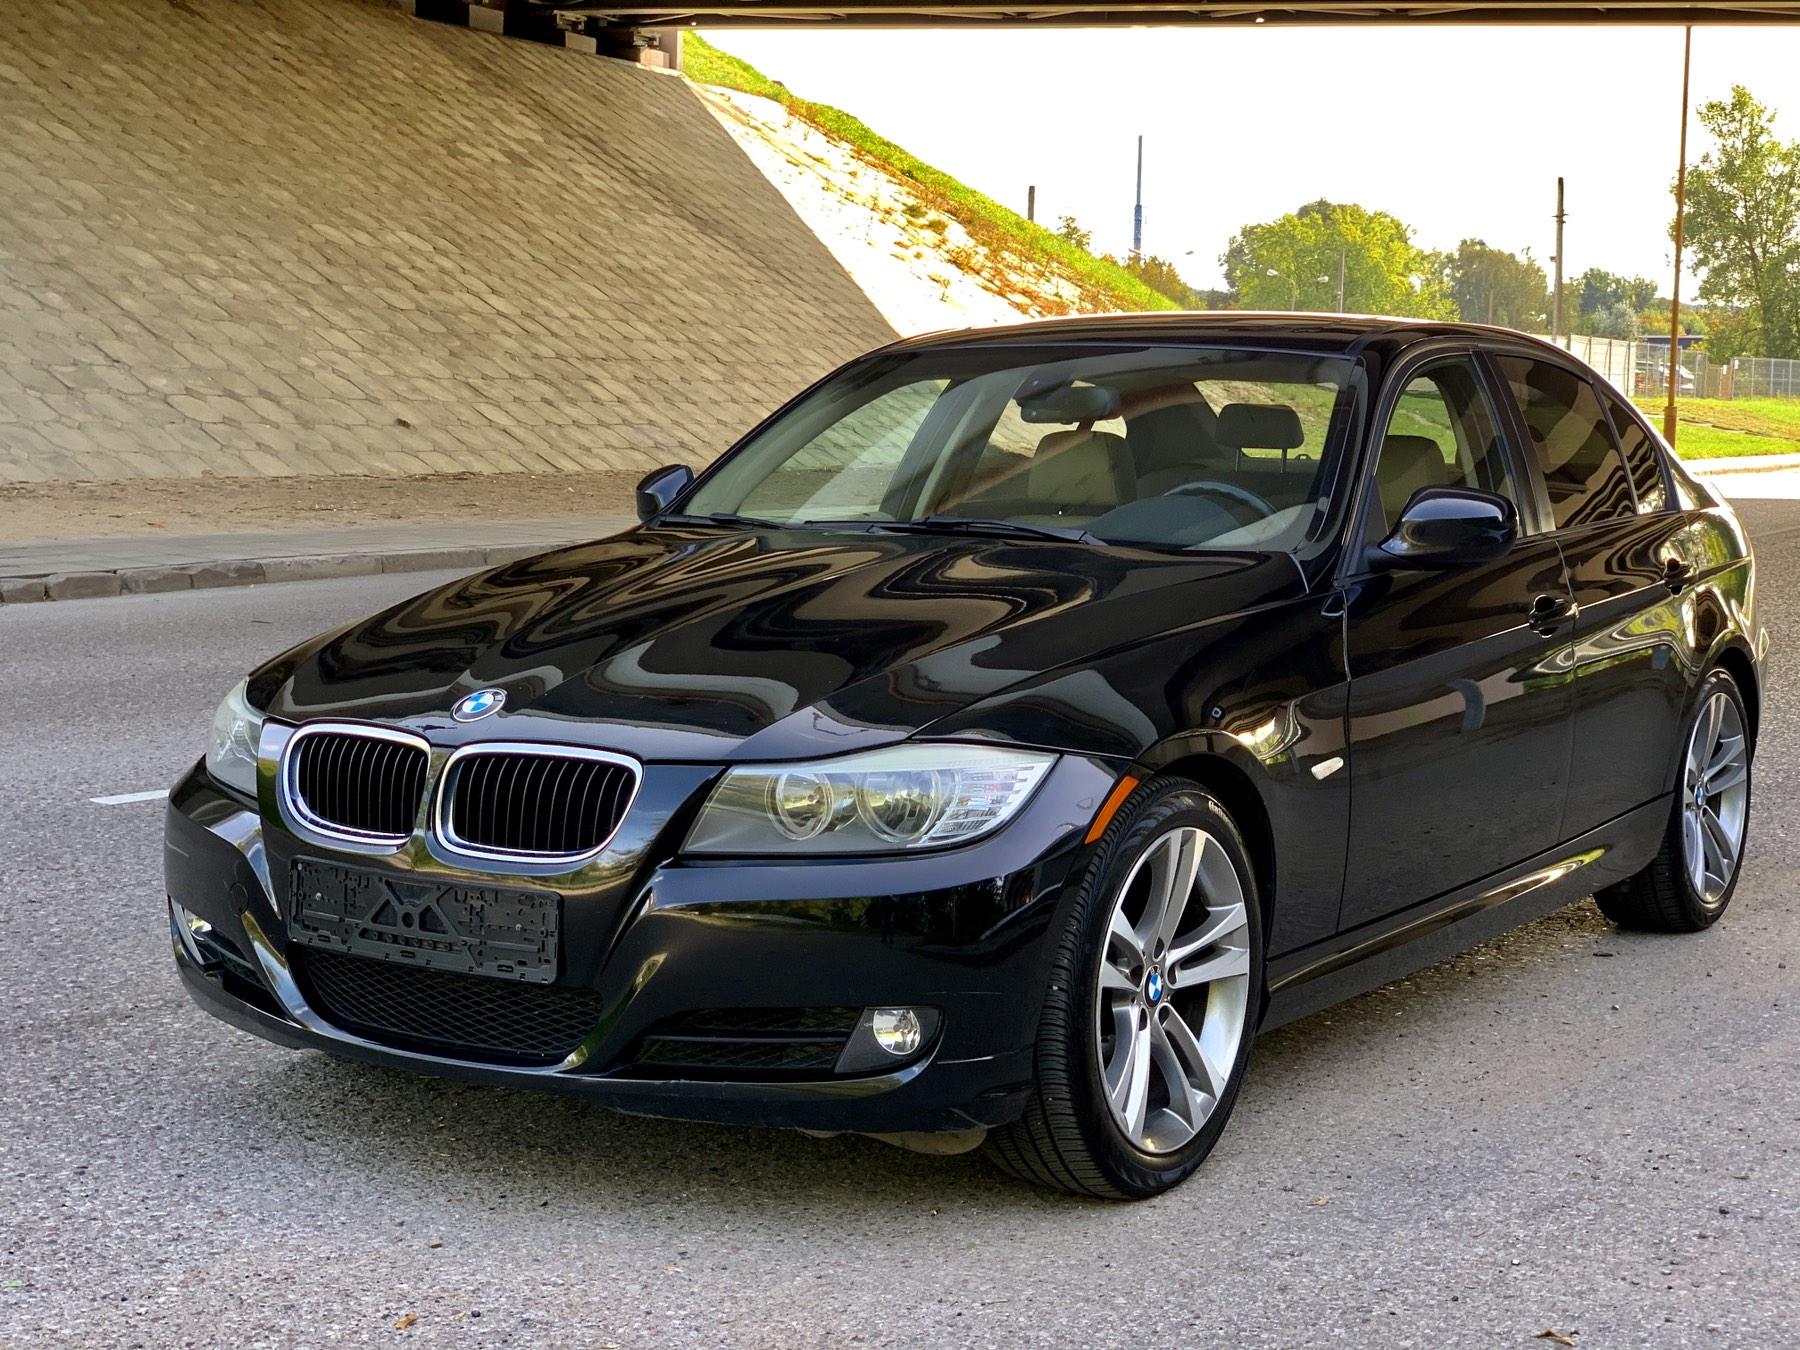 BMW 328, 3.0 l., sedanas